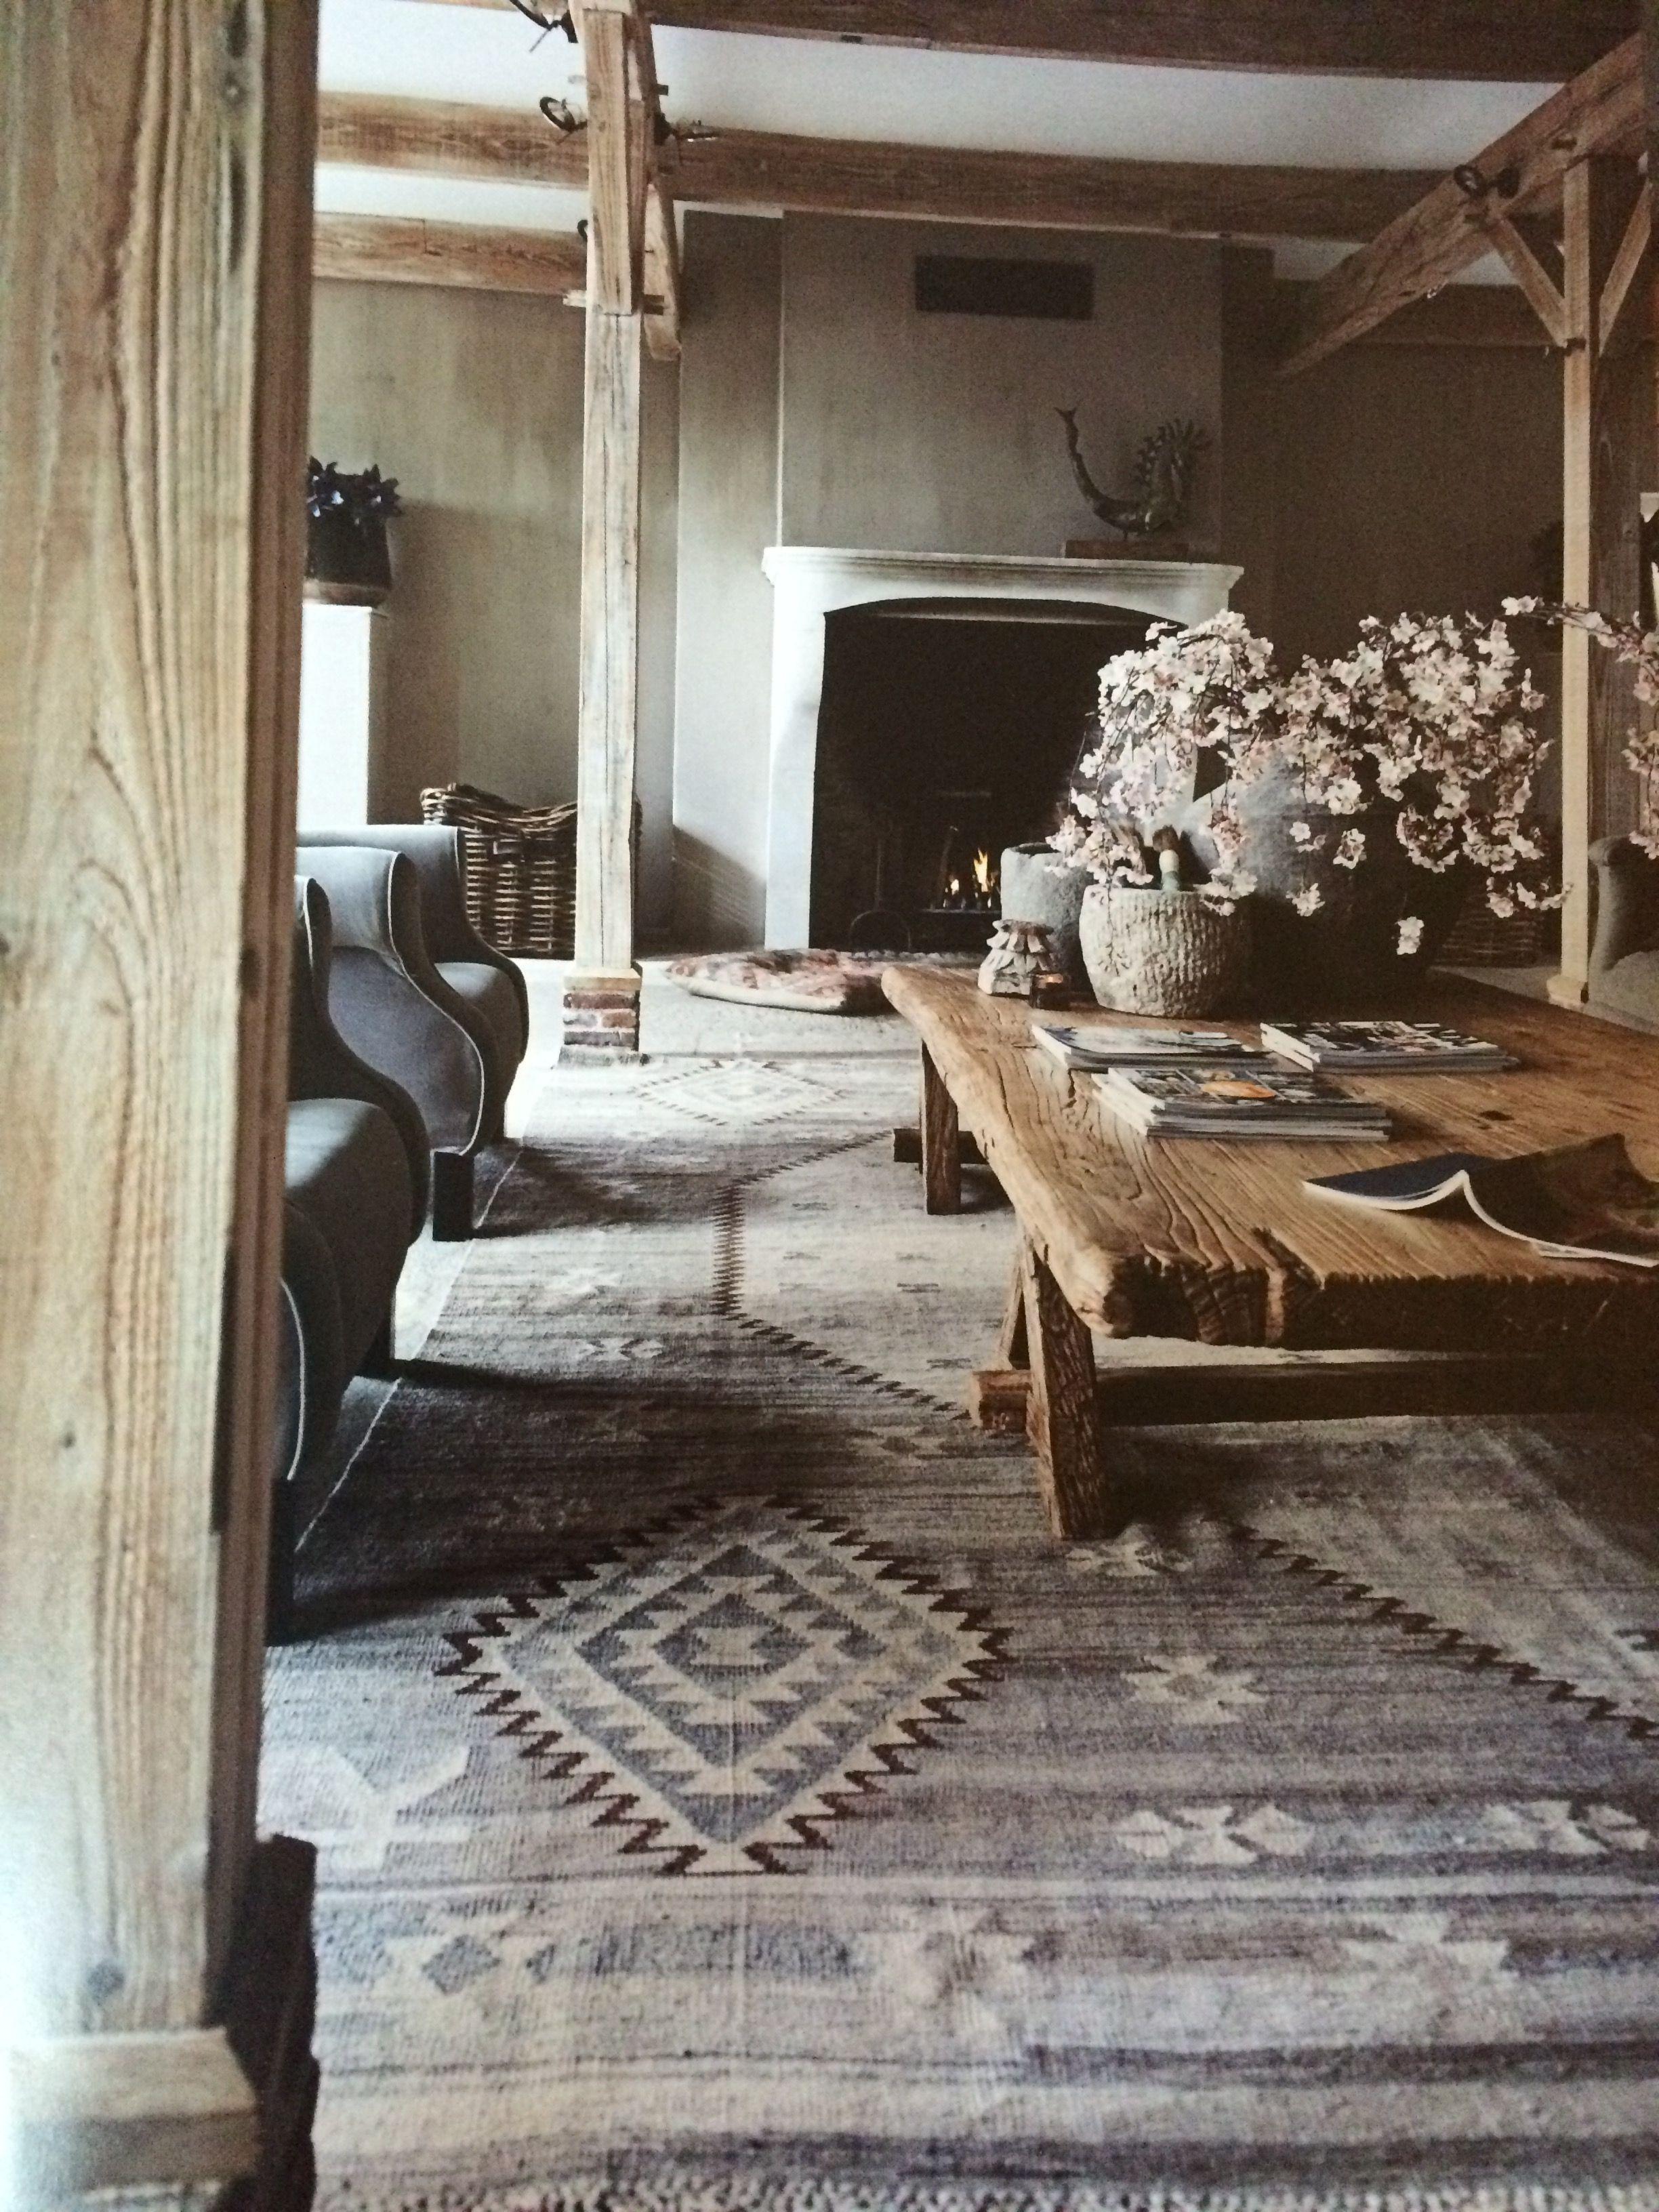 modern landelijke stijl rustieke elegantie boheems interieur boheems tapijt rustieke interieurs